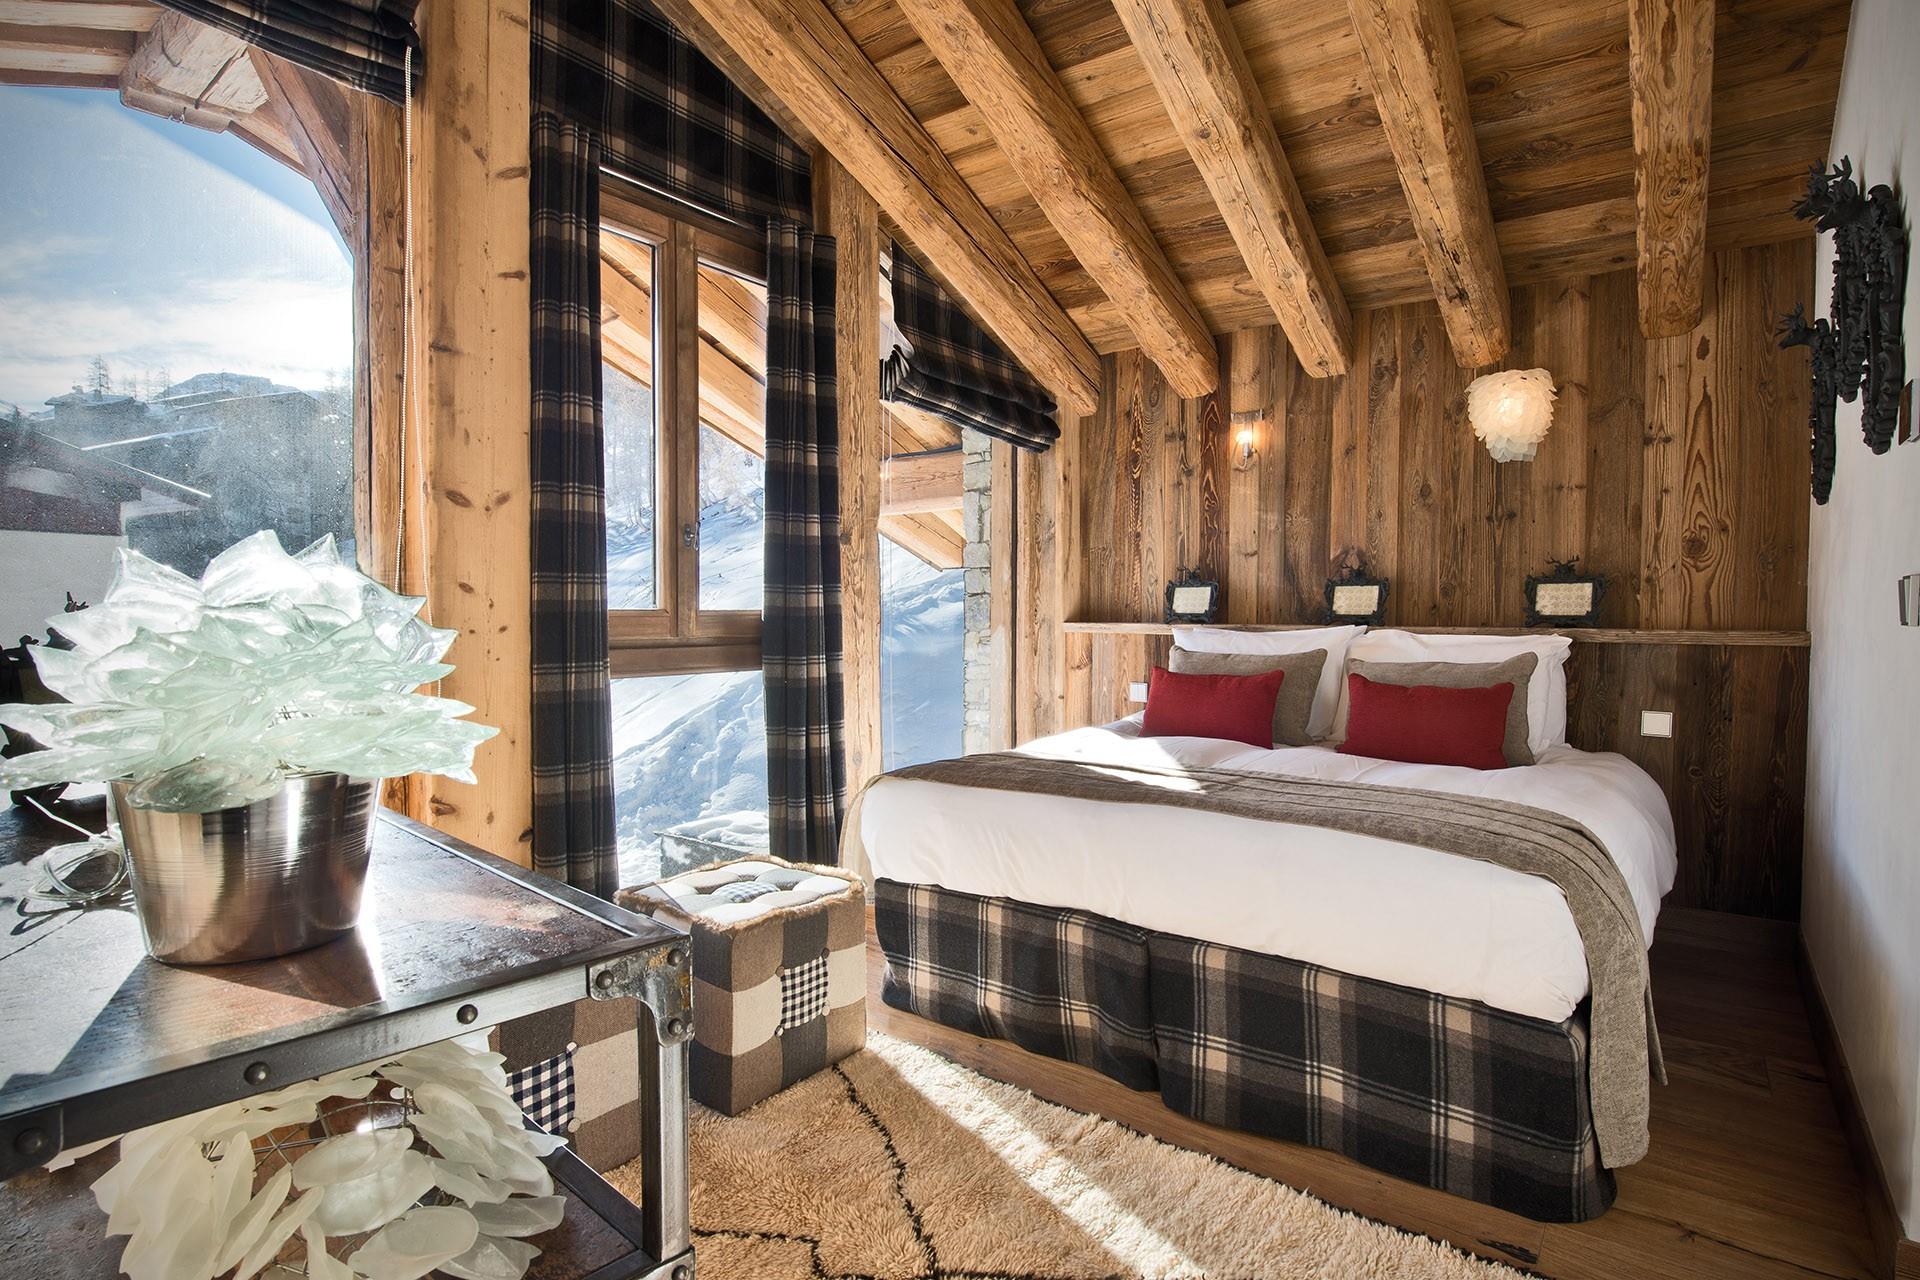 Val D'Isère Luxury Rental Chalet Umbite Bedroom 4